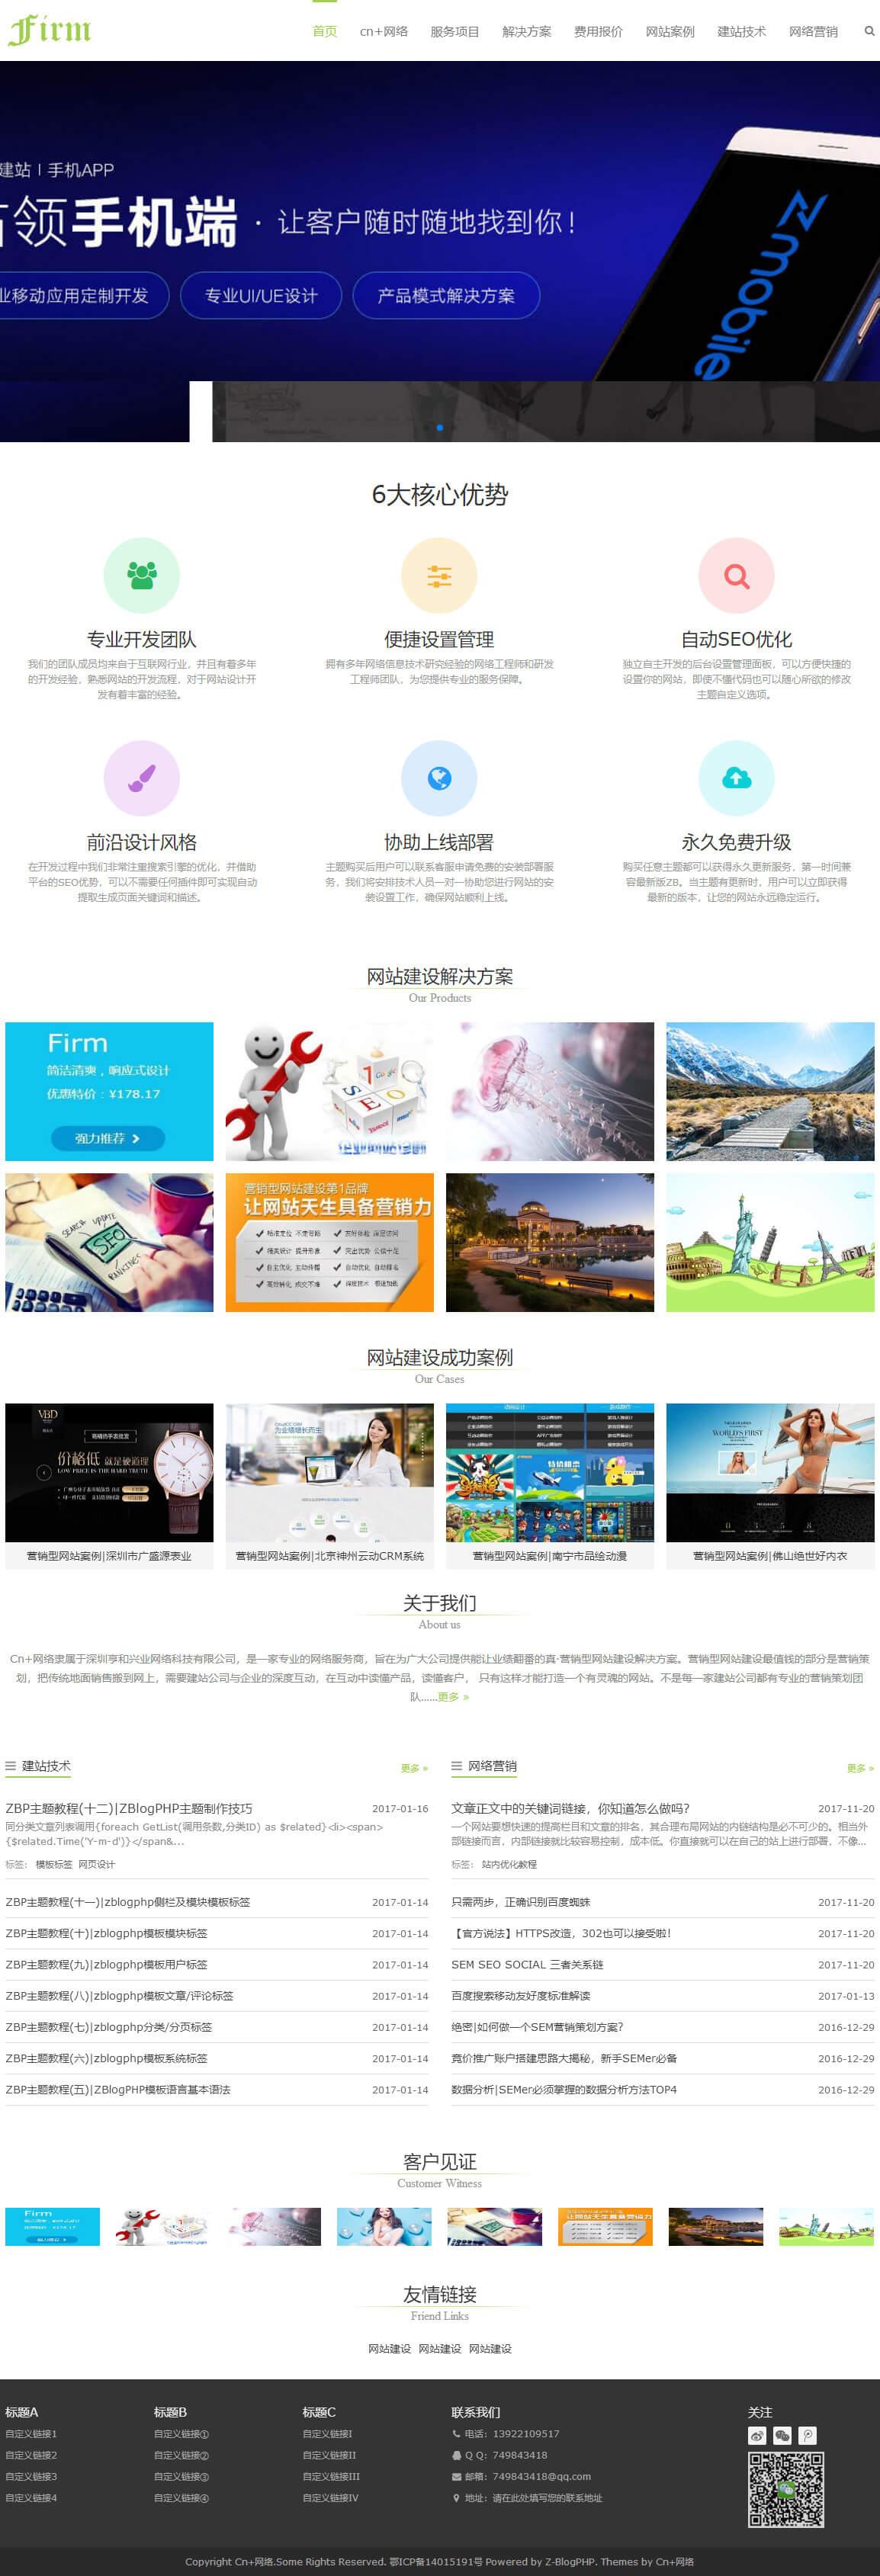 Zblog响应式企业网站模板KH001截图